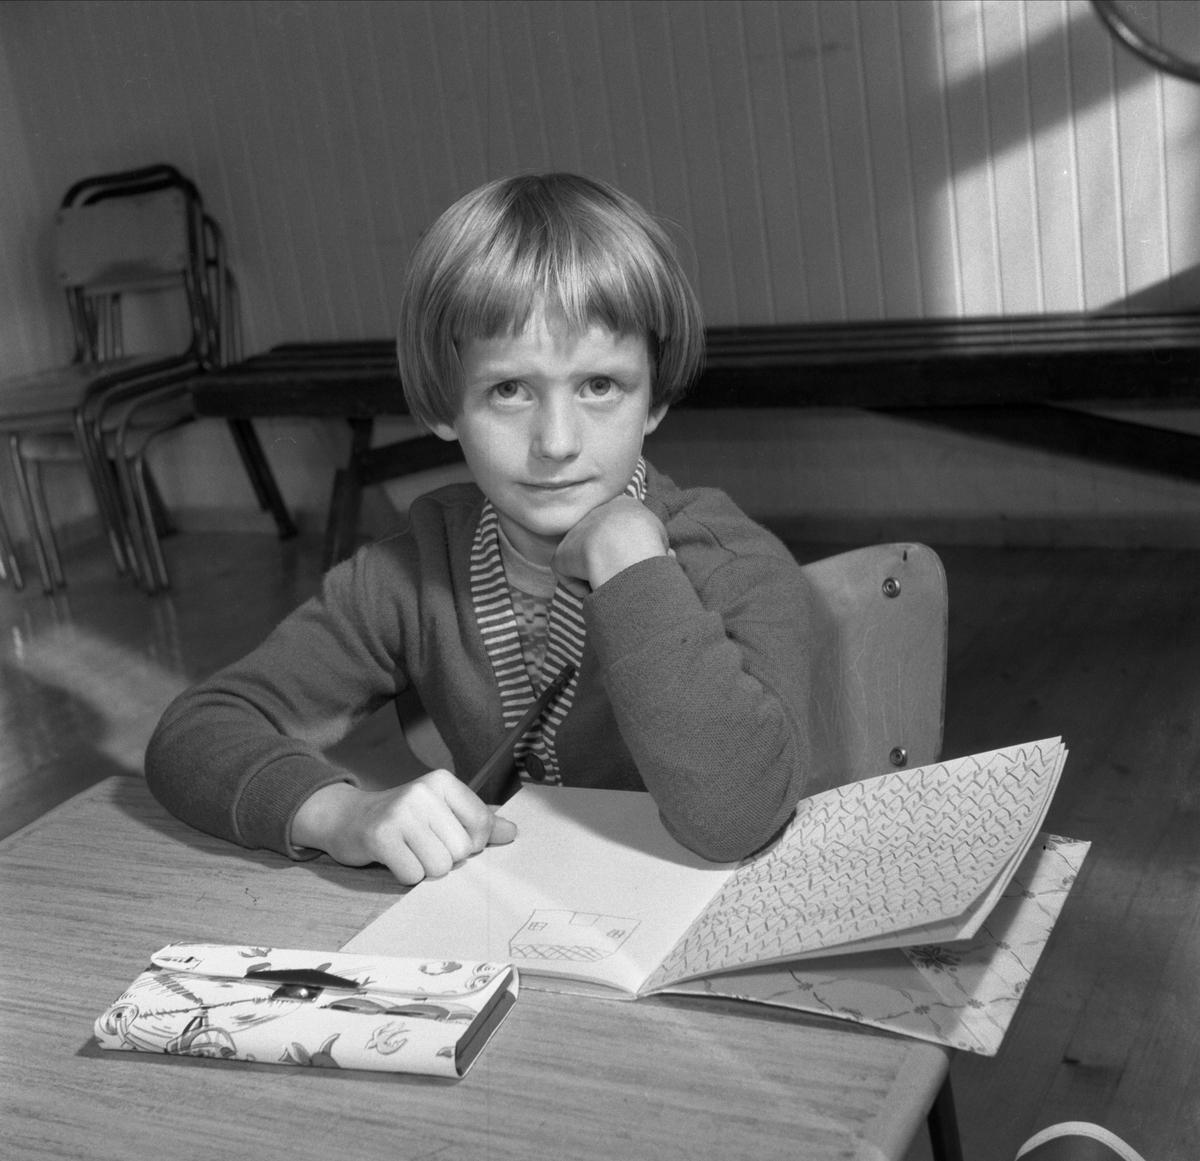 LUND SKOLE, ELEVER I FØRSTEKLASSE 28-8-1961. BERIT BRONKEBAKKEN. SRIVEBOK, PENAL. SE BOKA PÅ ET HUNDREDELS SEKUND, LØTEN OG OMEGN 1957-1964 I ORD OG BILDERAV HELGE REISTAD S. 163.